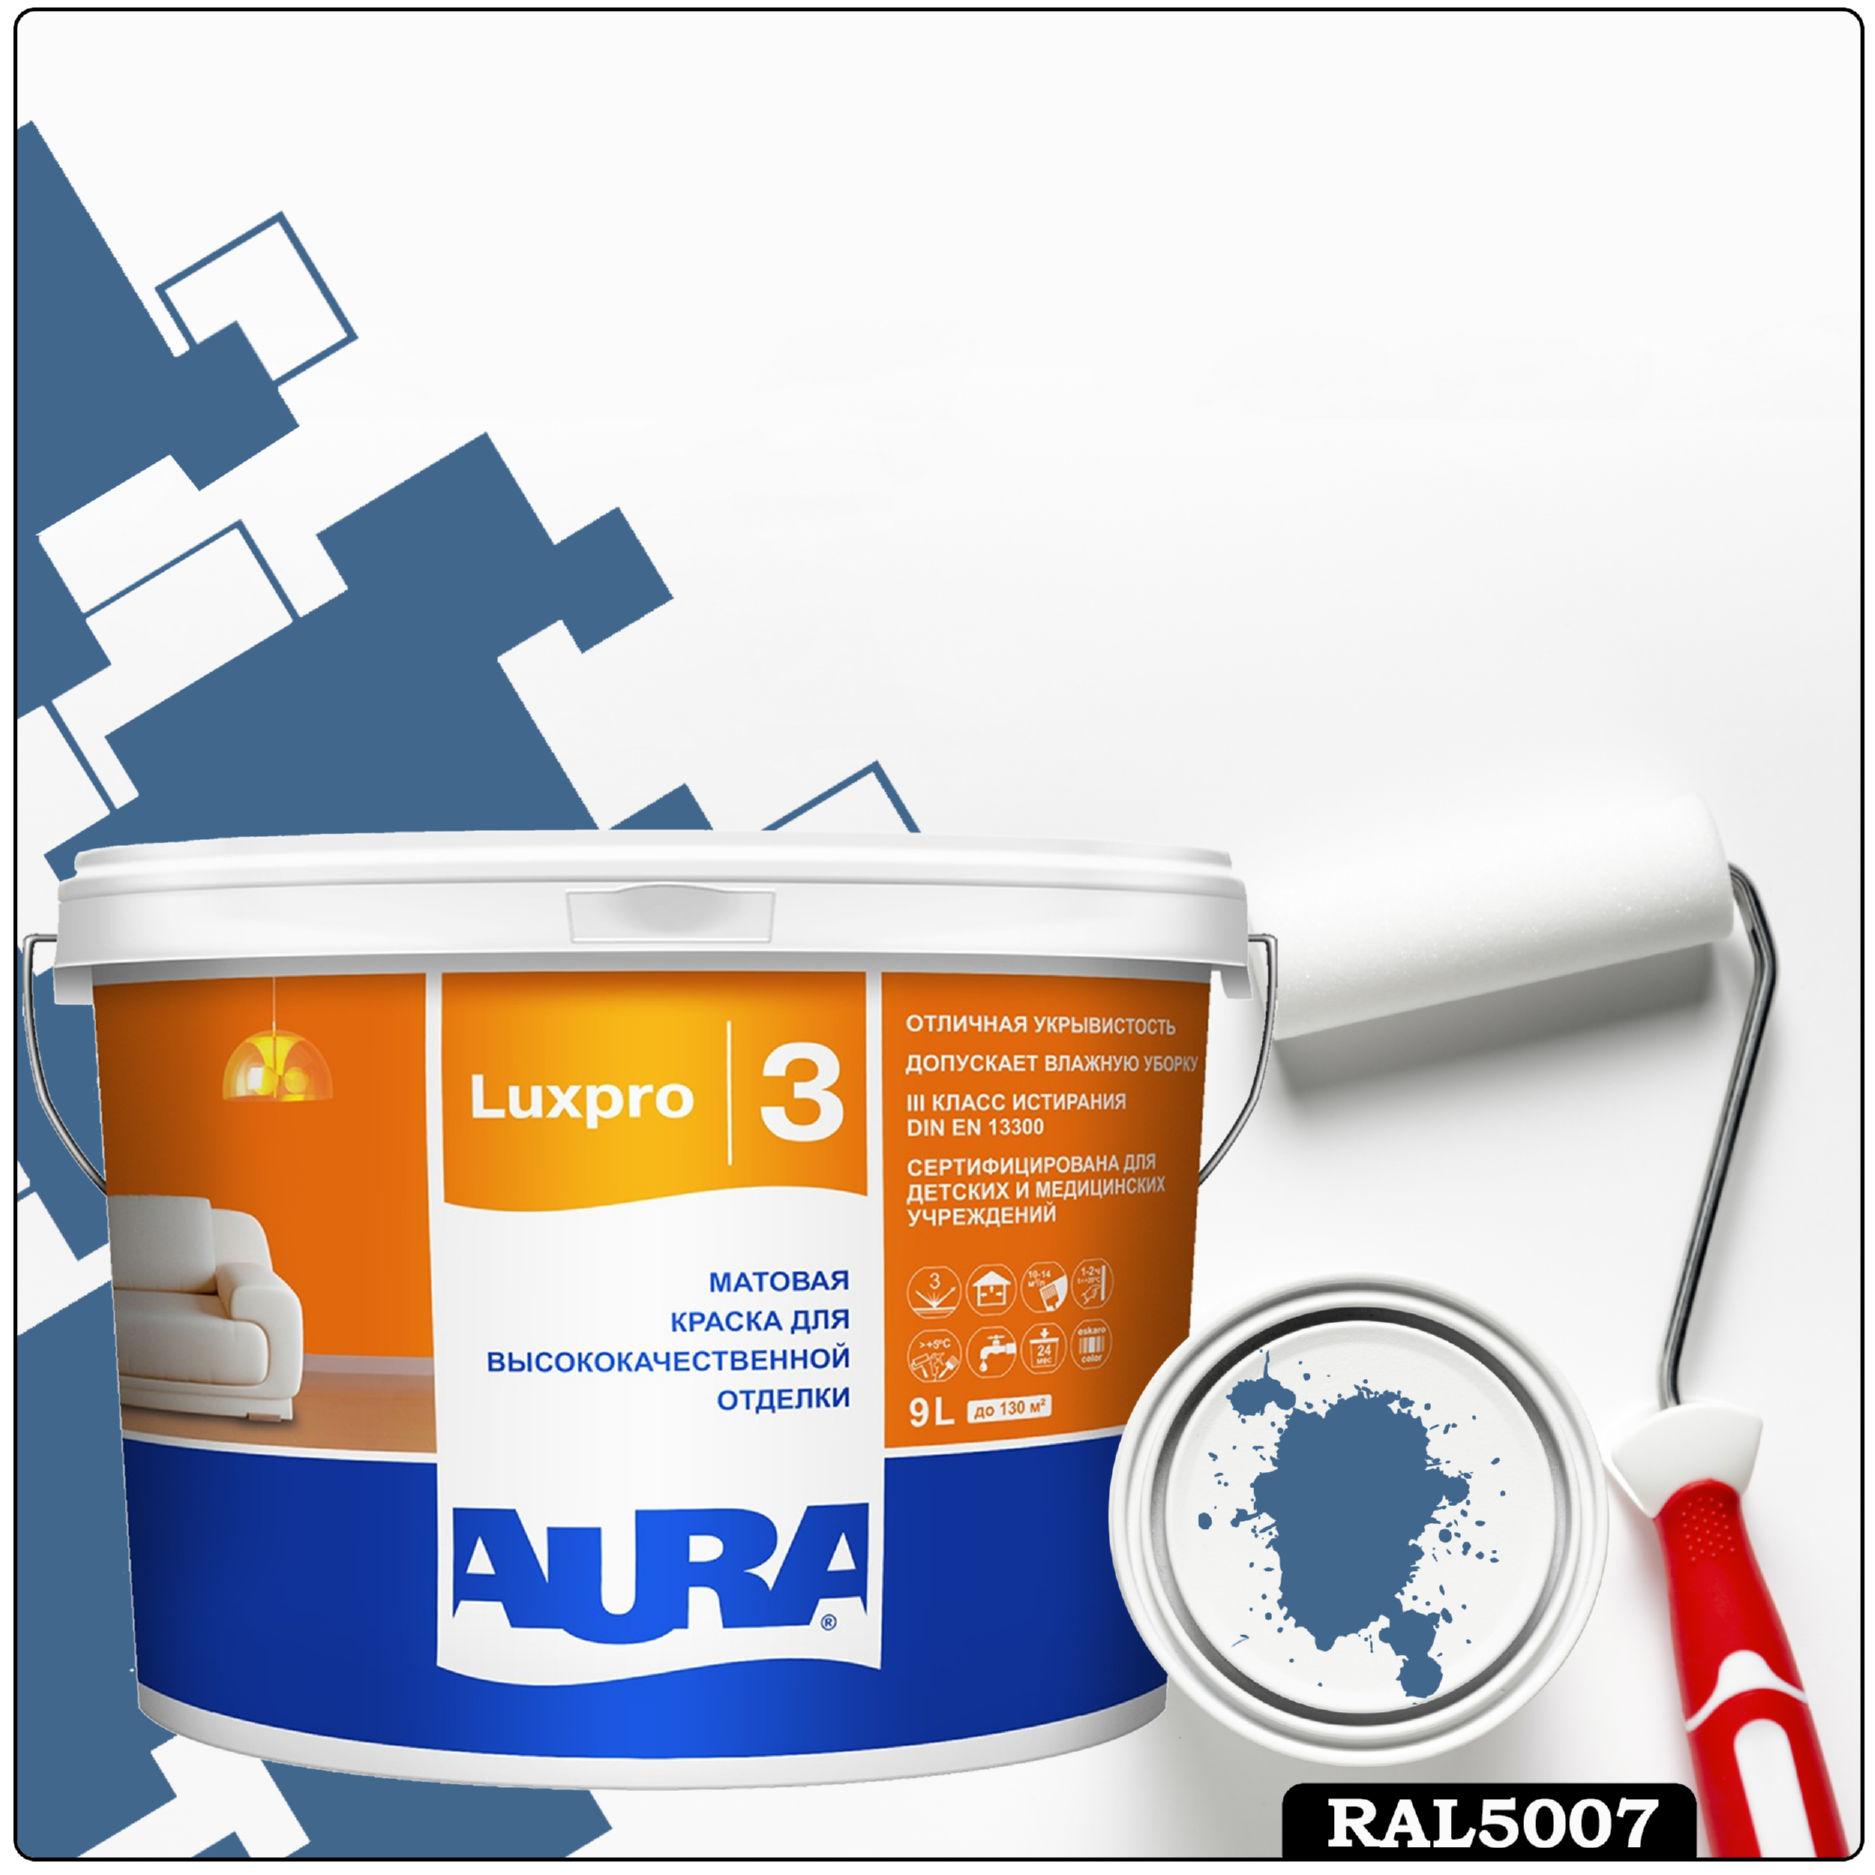 Фото 7 - Краска Aura LuxPRO 3, RAL 5007 Бриллиантово-синий, латексная, шелково-матовая, интерьерная, 9л, Аура.